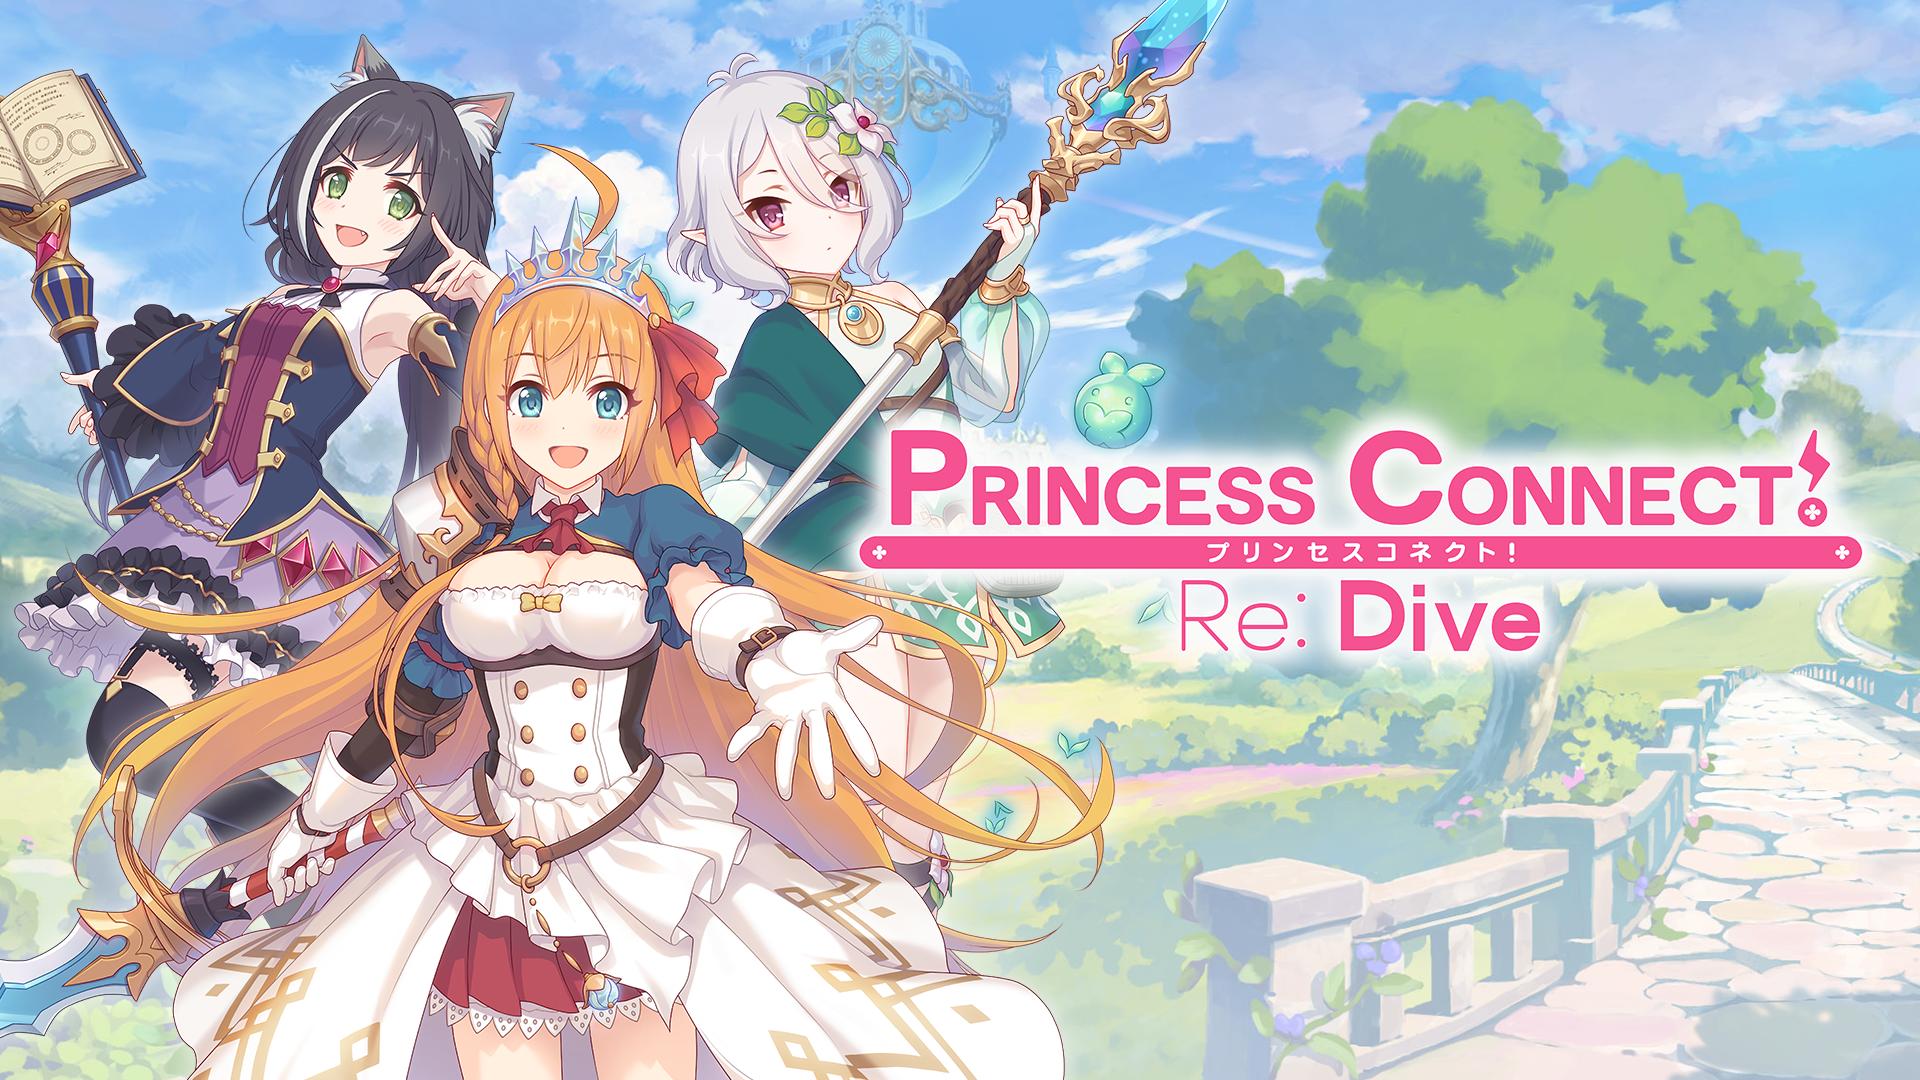 Princess Connect Re: Dive sur jdrpg.fr